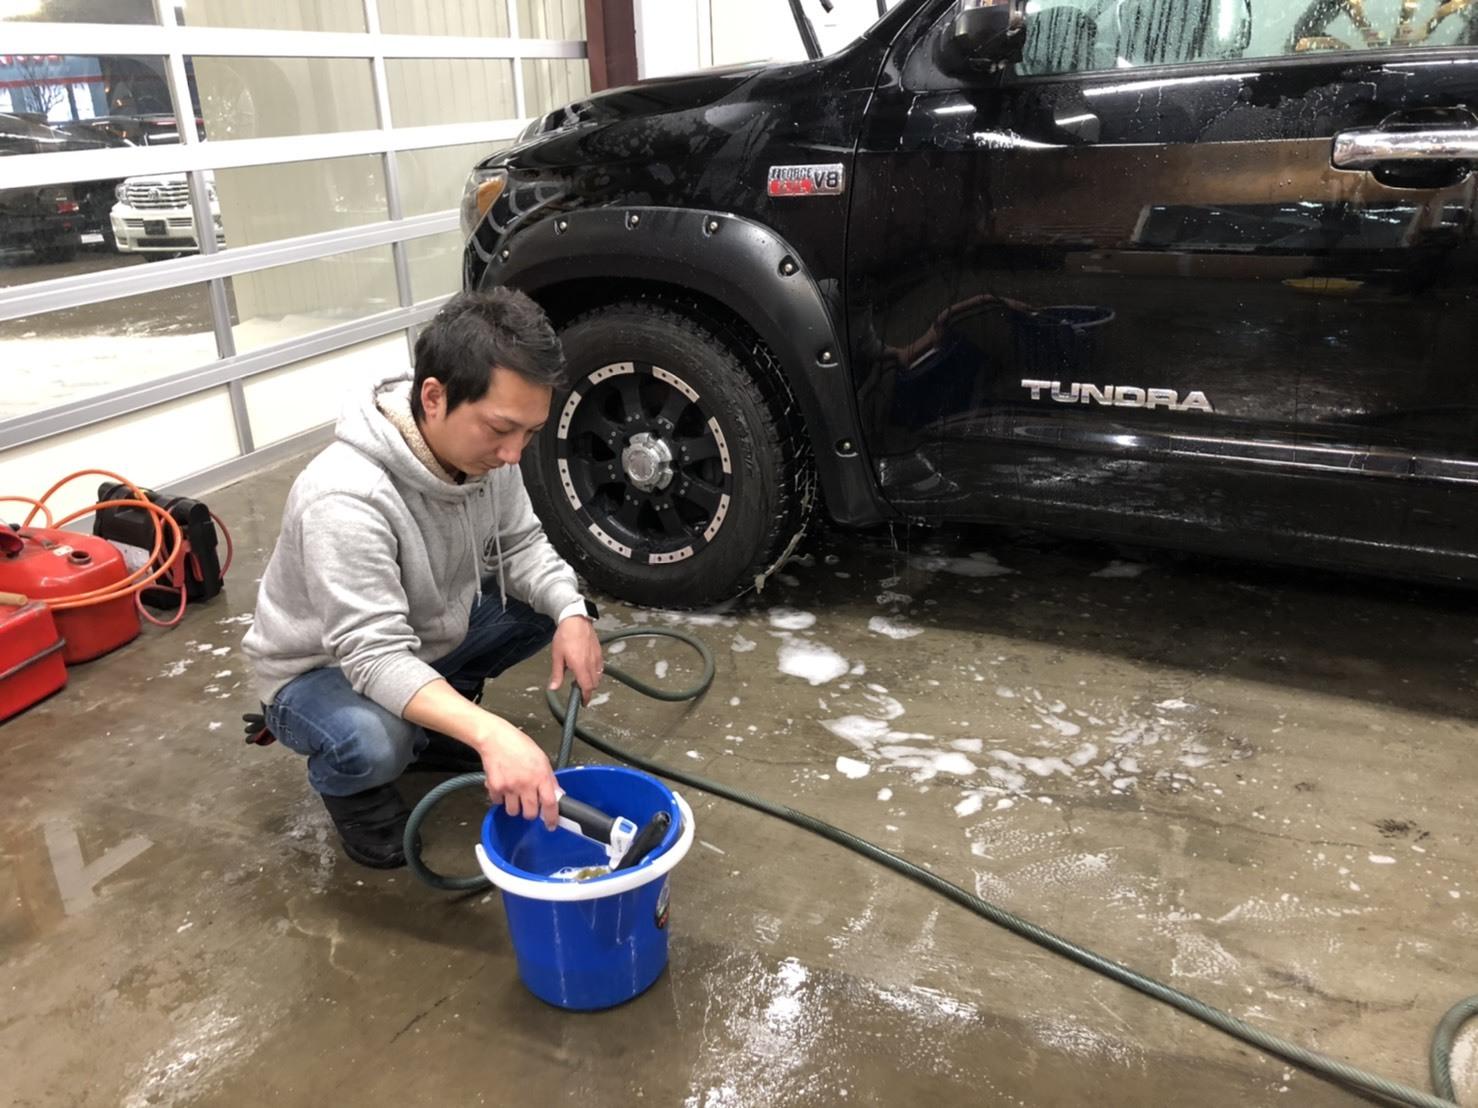 12月8日(水)除雪車あります!!! ☆ランクル エスカレード ハマー TOMMY☆_b0127002_19132050.jpg